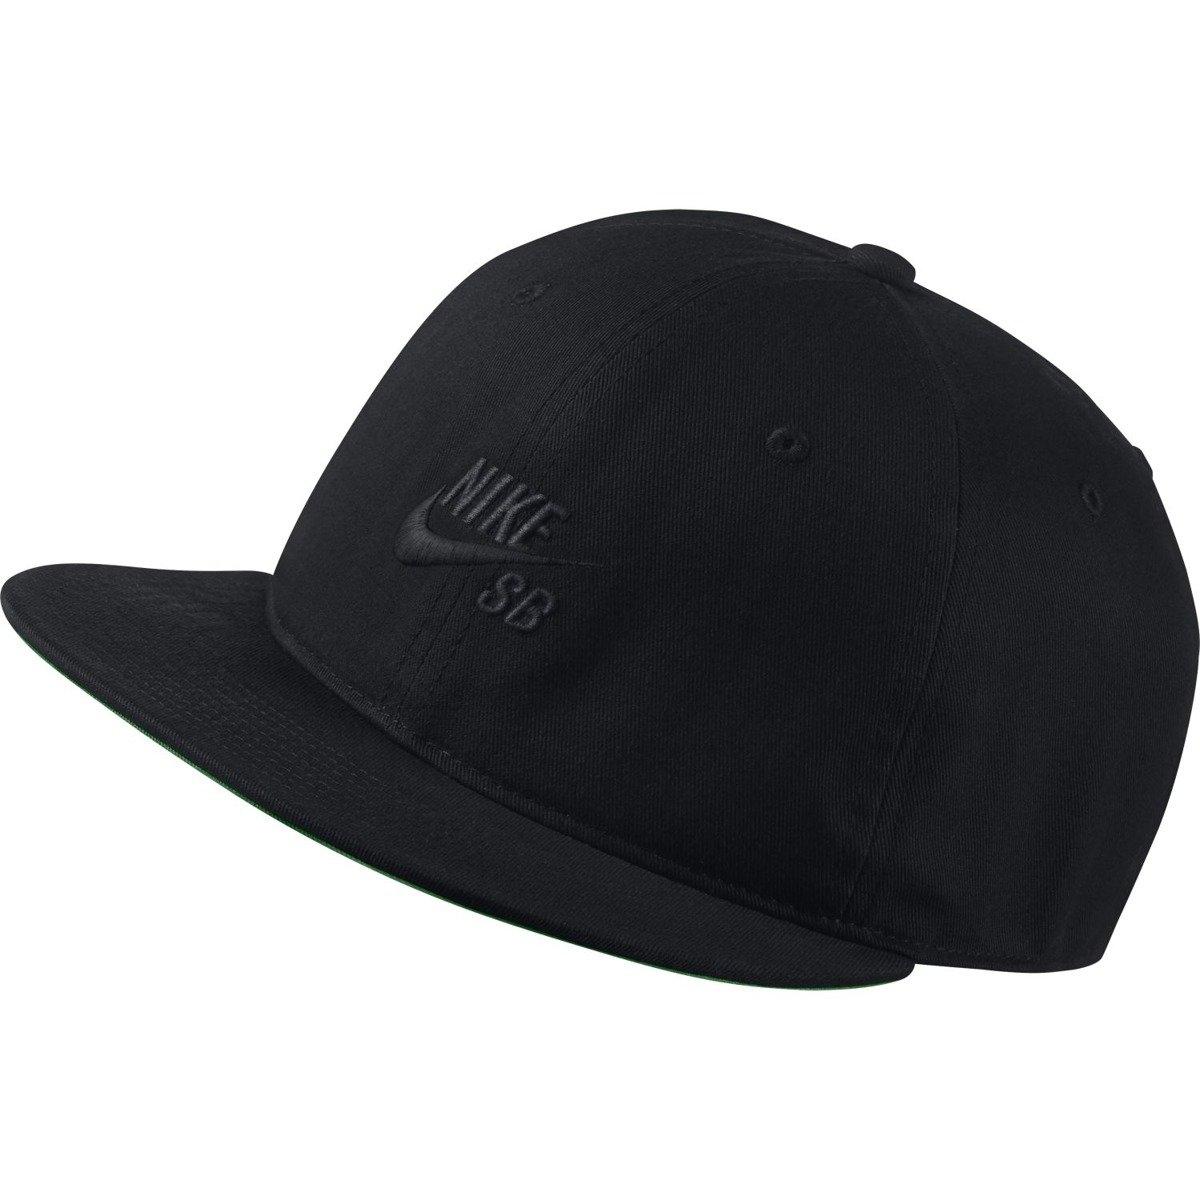 659ccae7d960e unisex nike sb pro vintage hat black pine green black black black ...